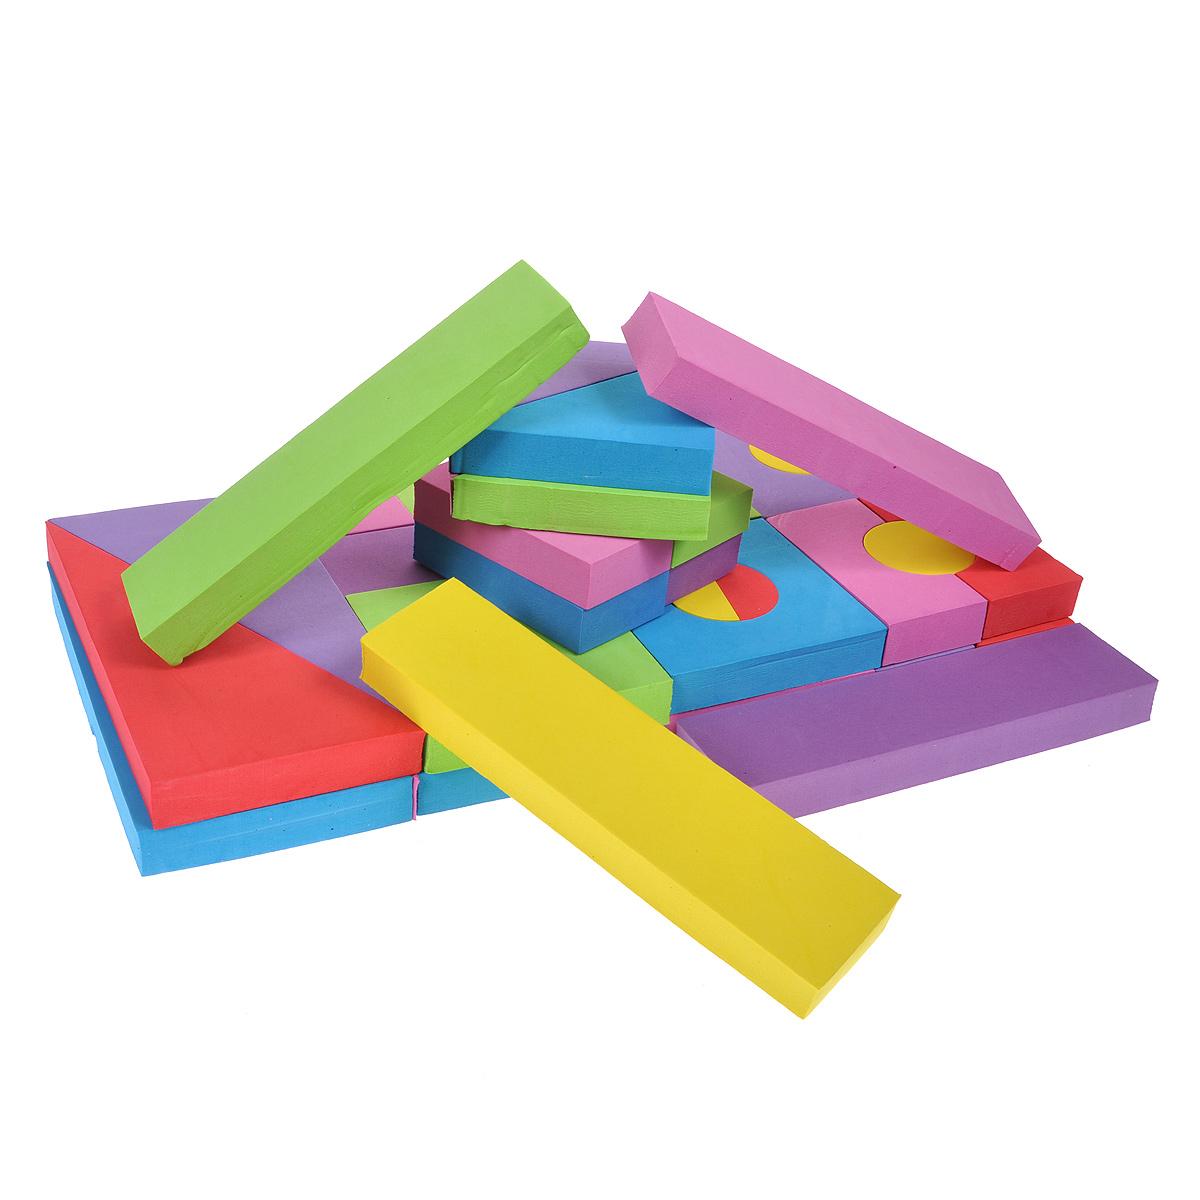 WSBD World Мягкий конструктор для малышей, 48 элементовC869802Мягкий конструктор не позволит скучать вашему малышу. Он включает 48 элементов разной формы и цветов, из которых малыш сможет собрать большую конструкцию или все, что пожелает. Мягкий конструктор способствует развитию у ребенка пространственного мышления и геометрических ассоциаций, он учится анализировать и сопоставлять детали. Элементы набора выполнены из вспененного полимера. В комплекте: 48 элементов , а также вставки, использующиеся в некоторых элементах. Элементы набора удобно хранить и переносить в пластиковой сумке на застежке-молнии (входит в набор).